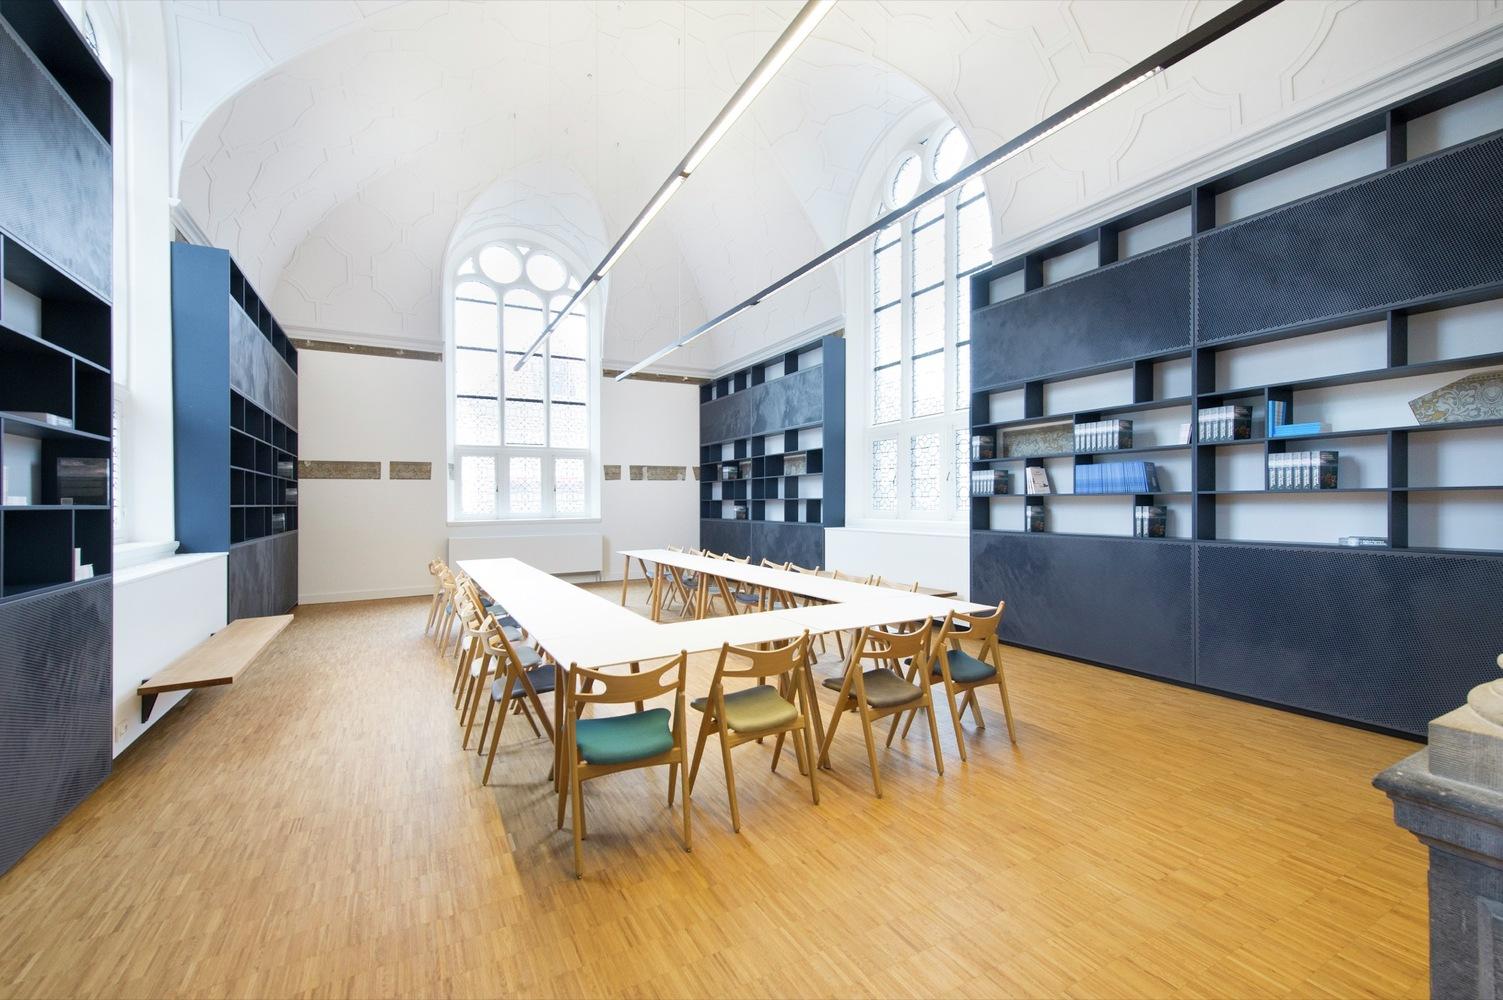 Schöne #Bibliothek in #Delft